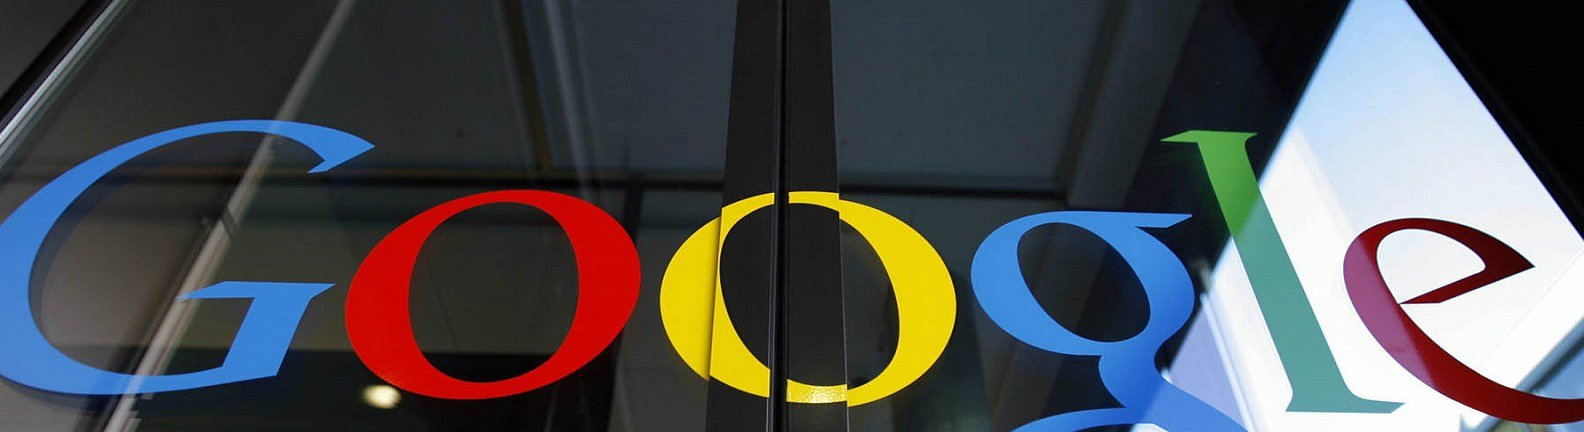 Google non dovrà pagare 1,12 miliardi al fisco francese